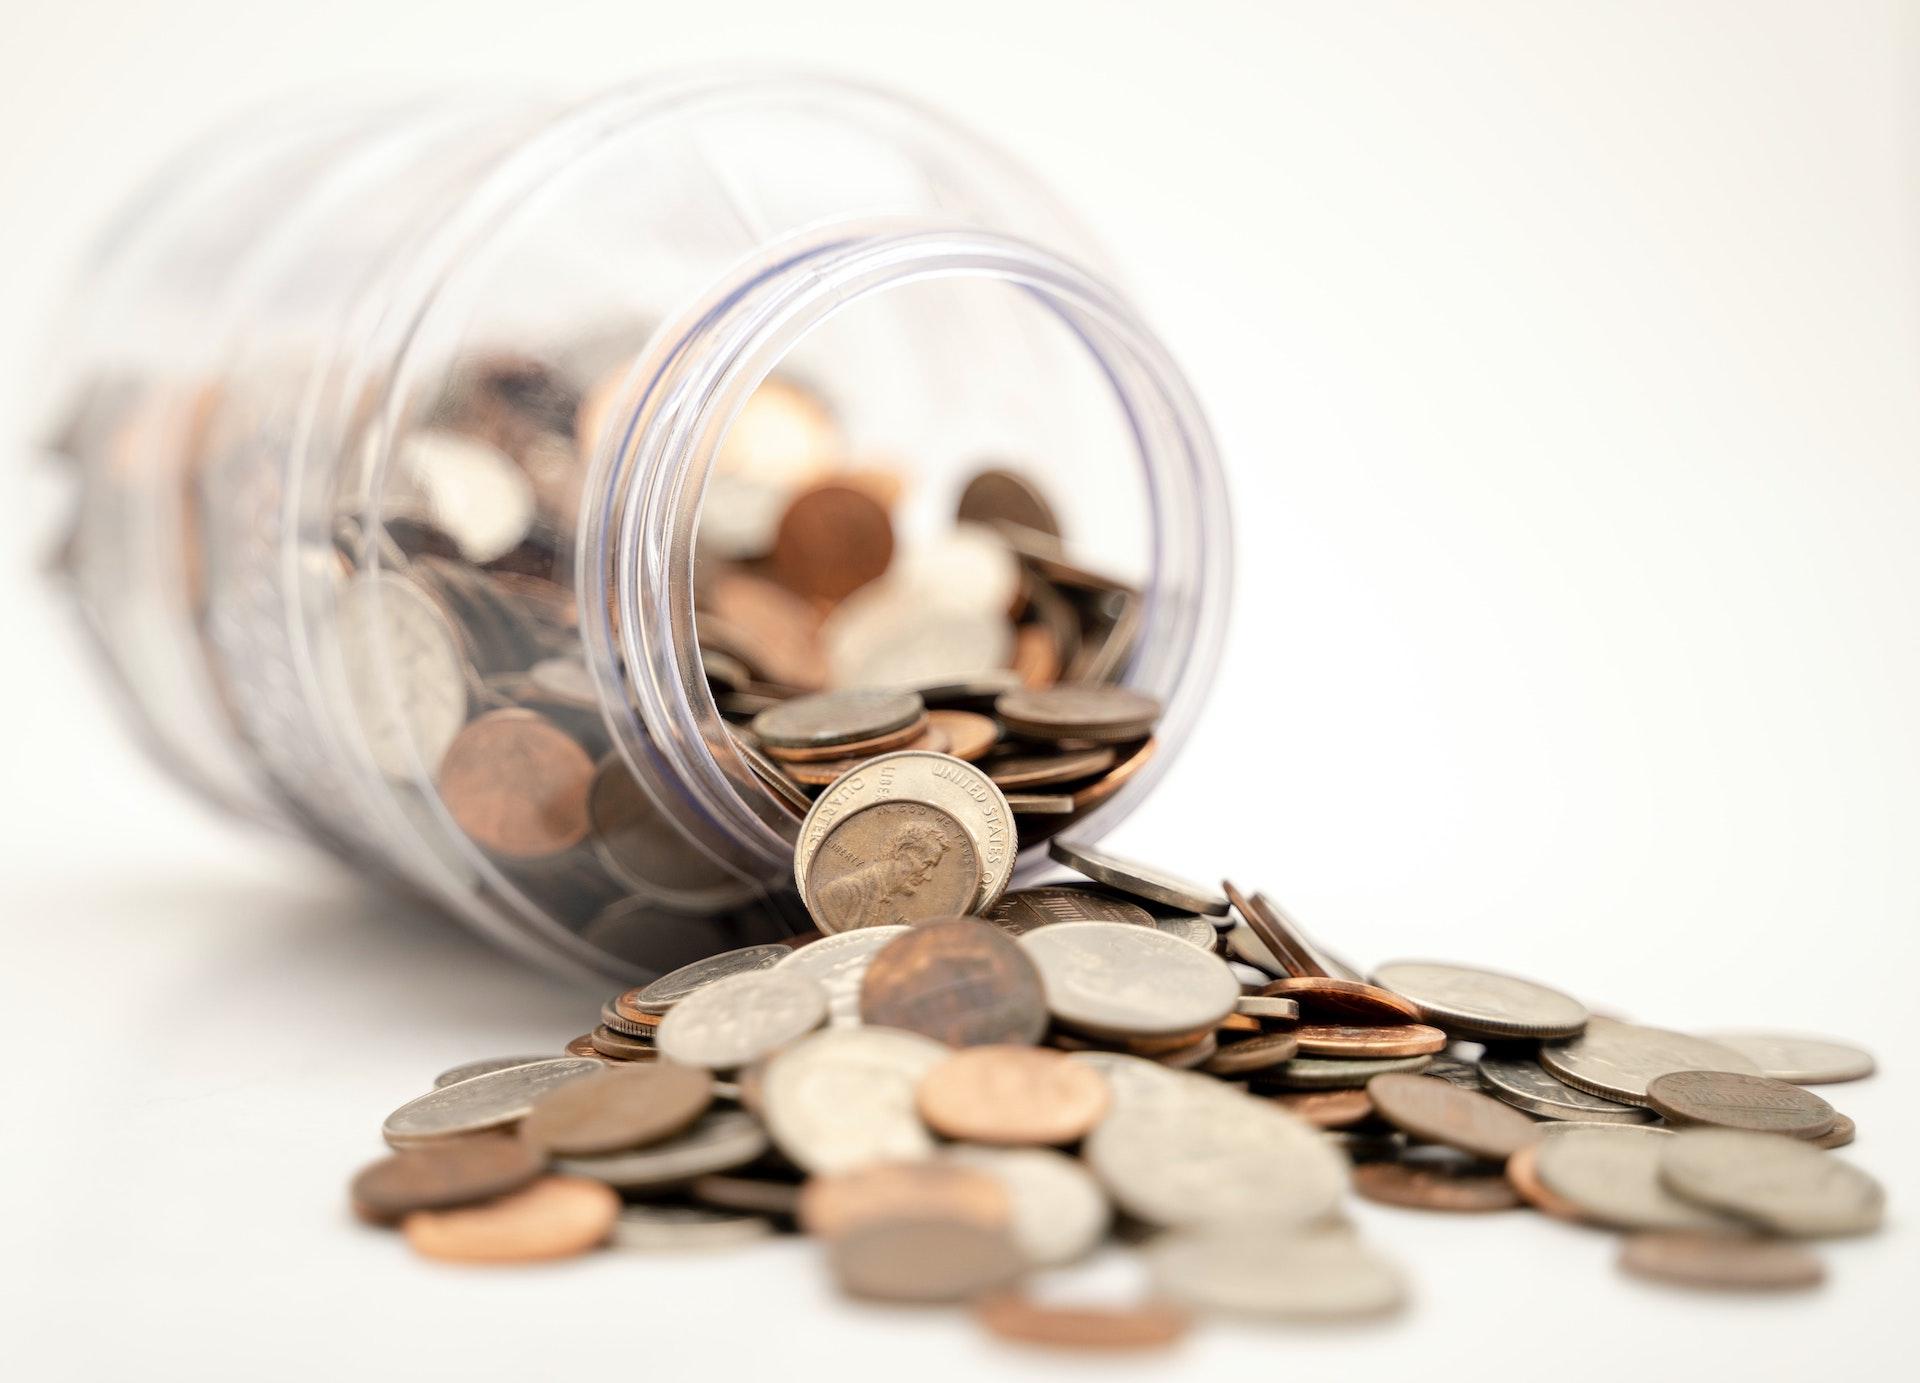 """З жовтня не прийматимуть """"старі"""" банкноти та монети 25 копійок"""